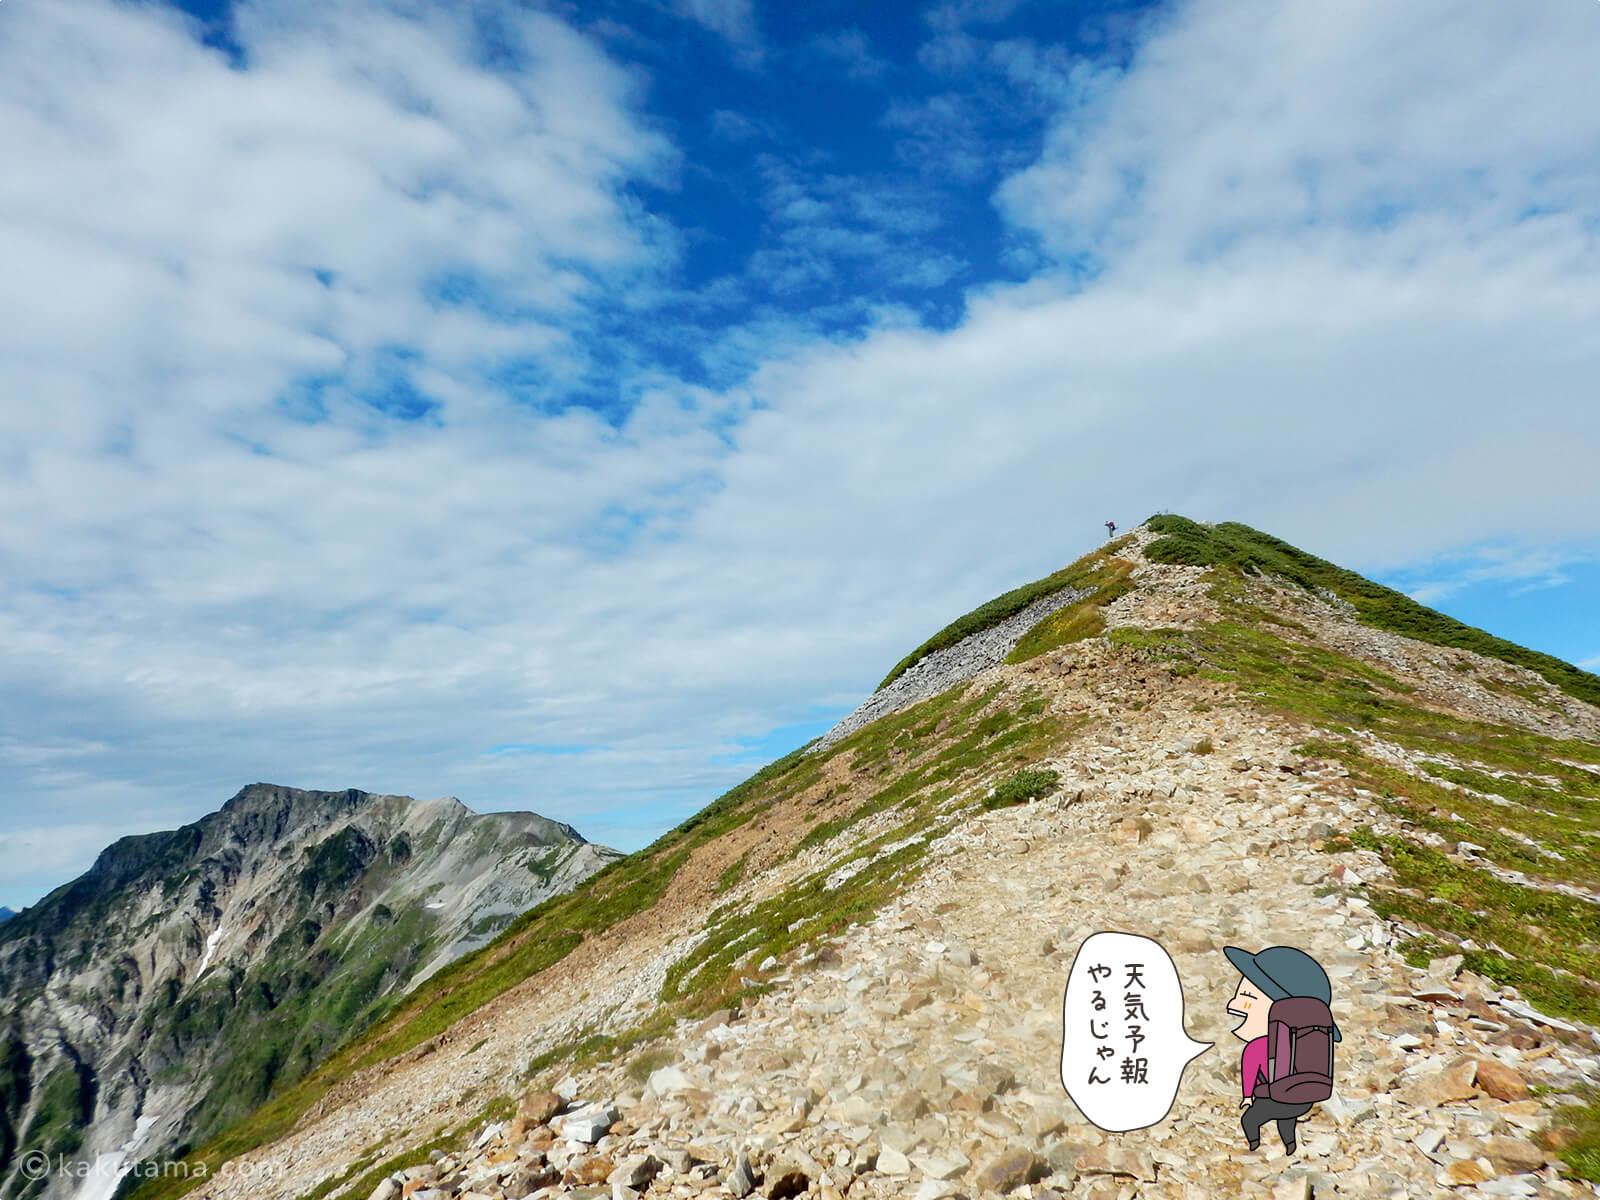 歩くのが楽しい稜線